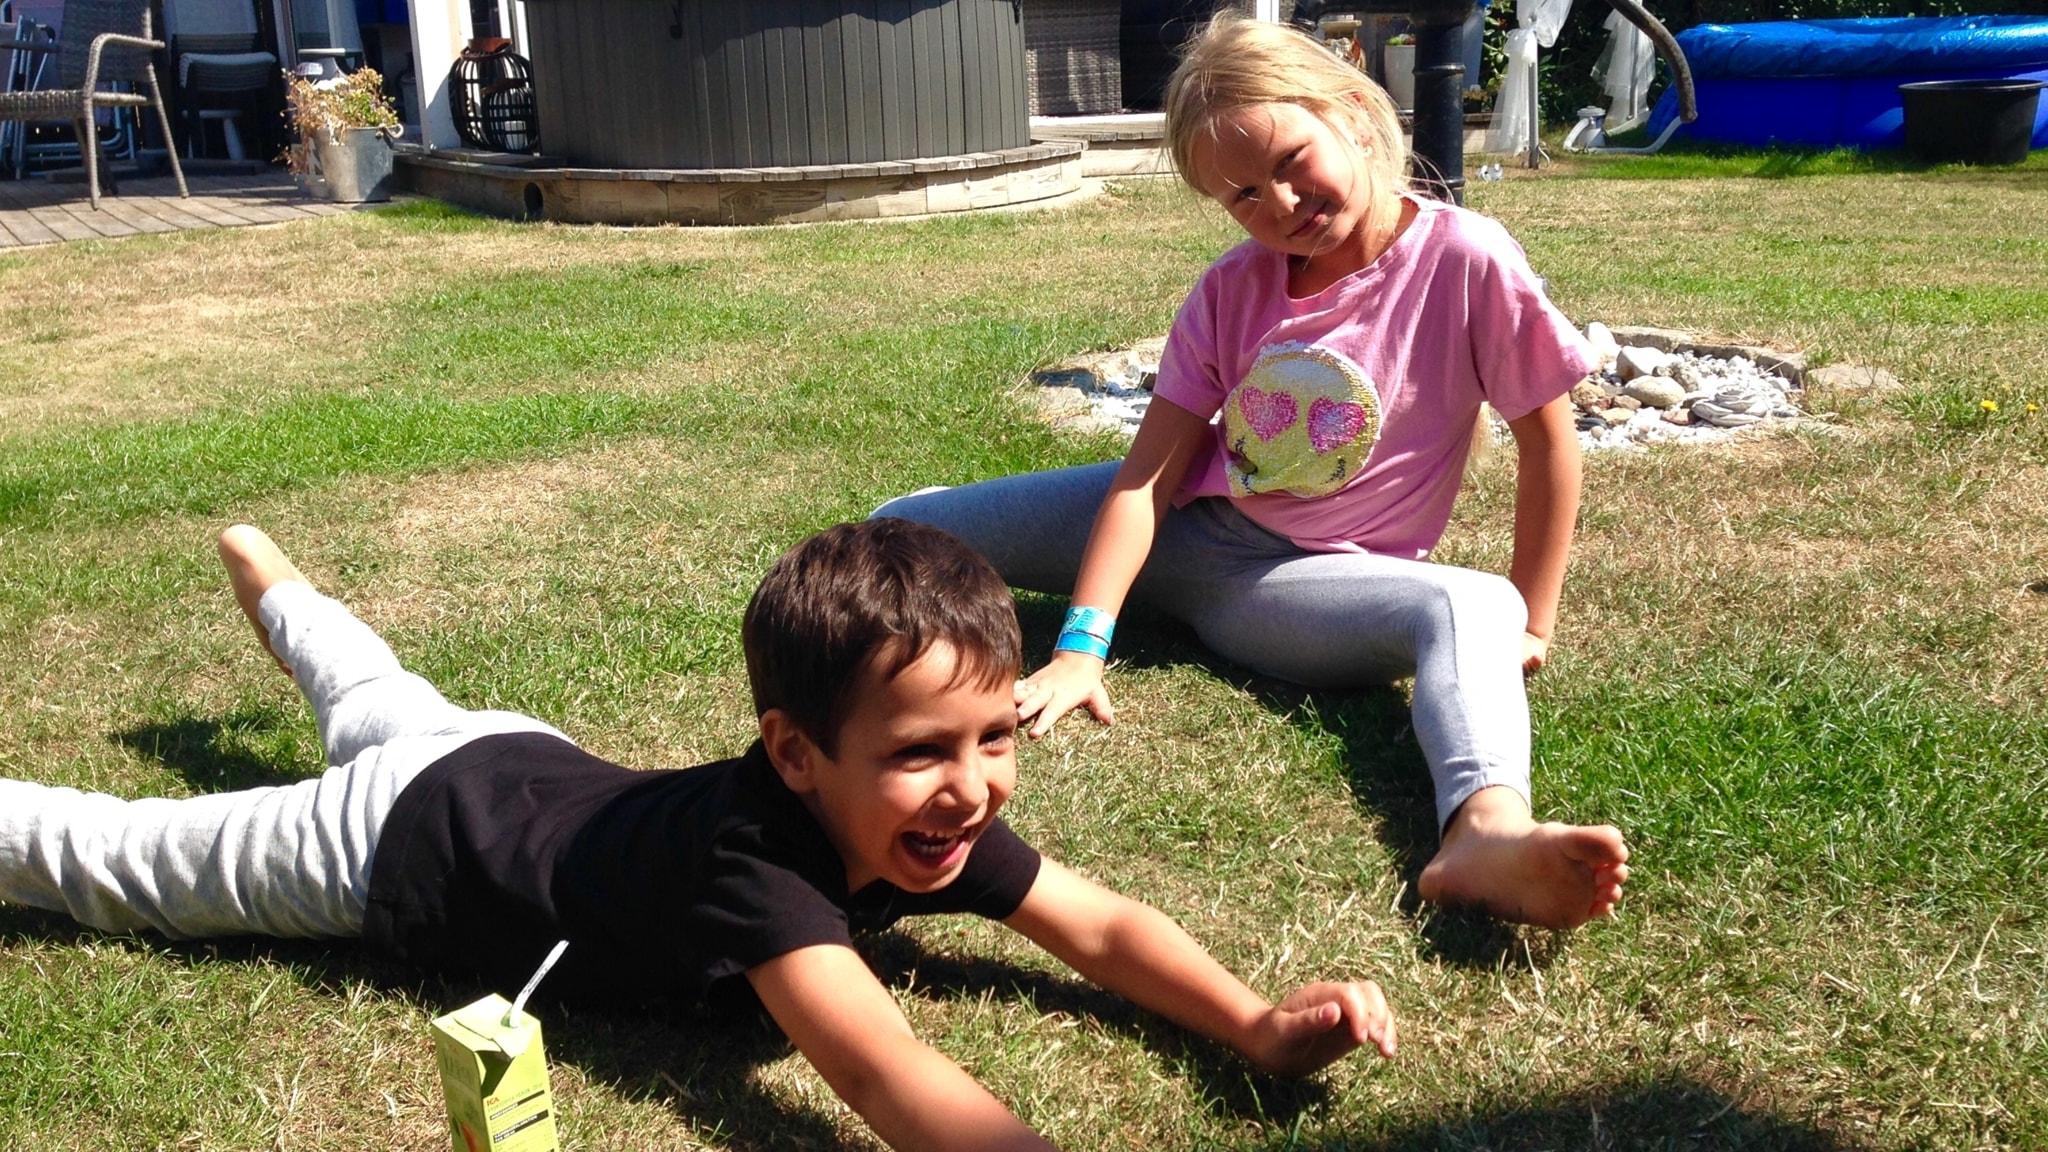 Tommi opettelee bosniaa, Birgitta meänkieltä lasten tähden.